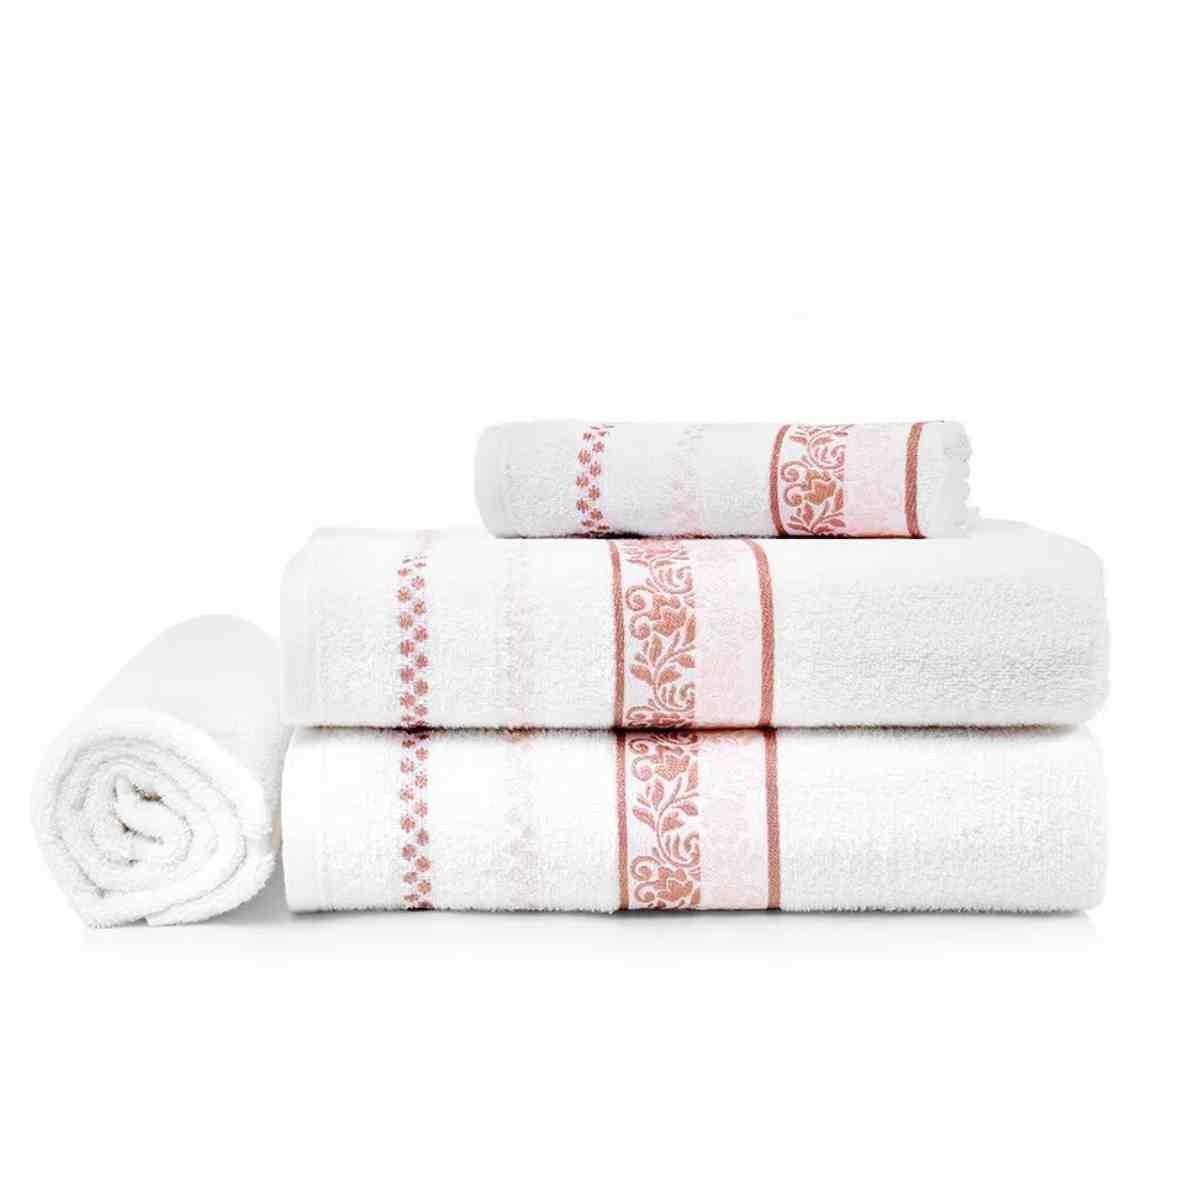 Jogo de banho Clarissa 4pcs Branco